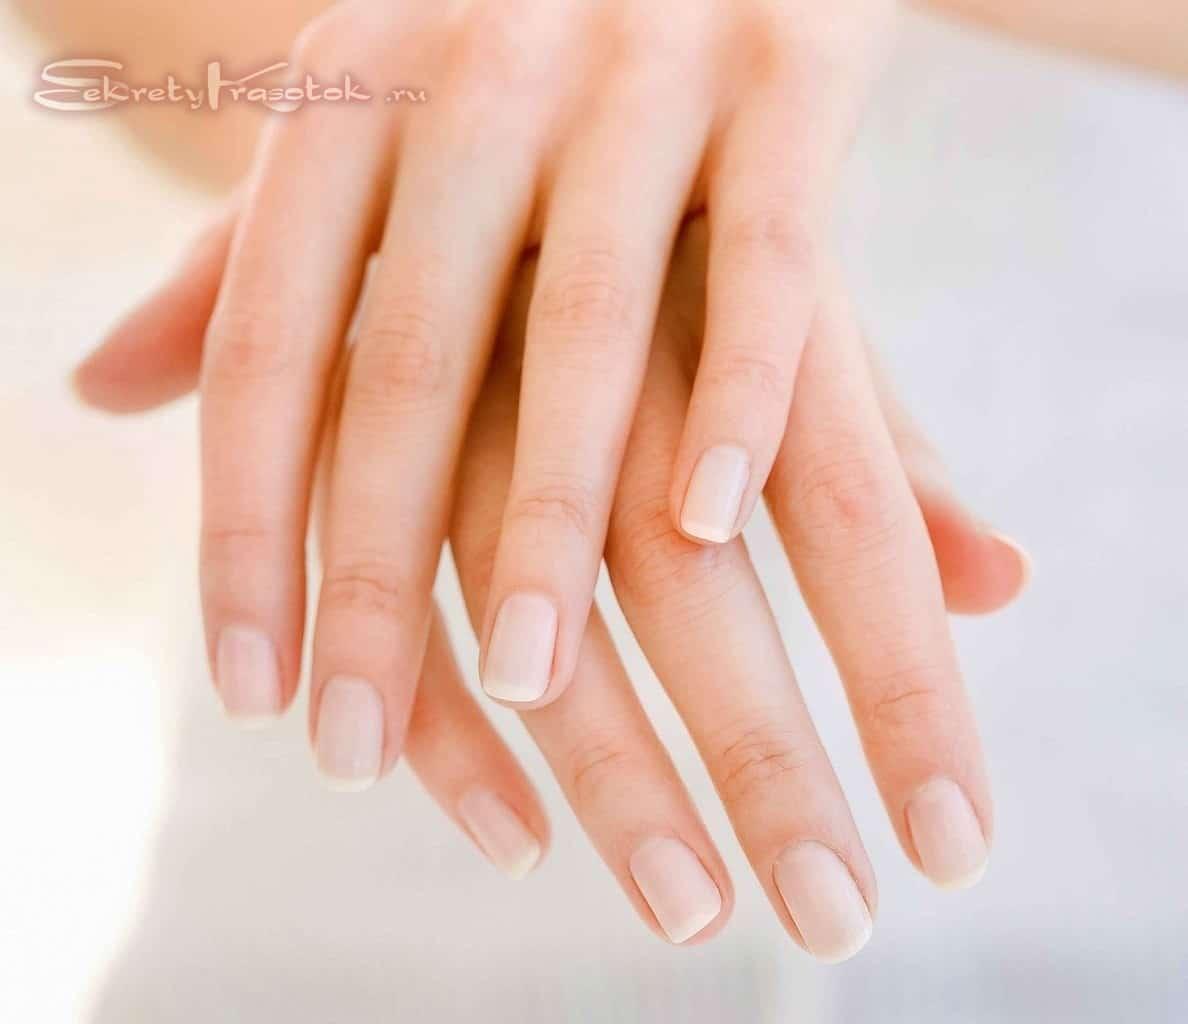 красивые и здоровые ногти - эффект от применения ванночек